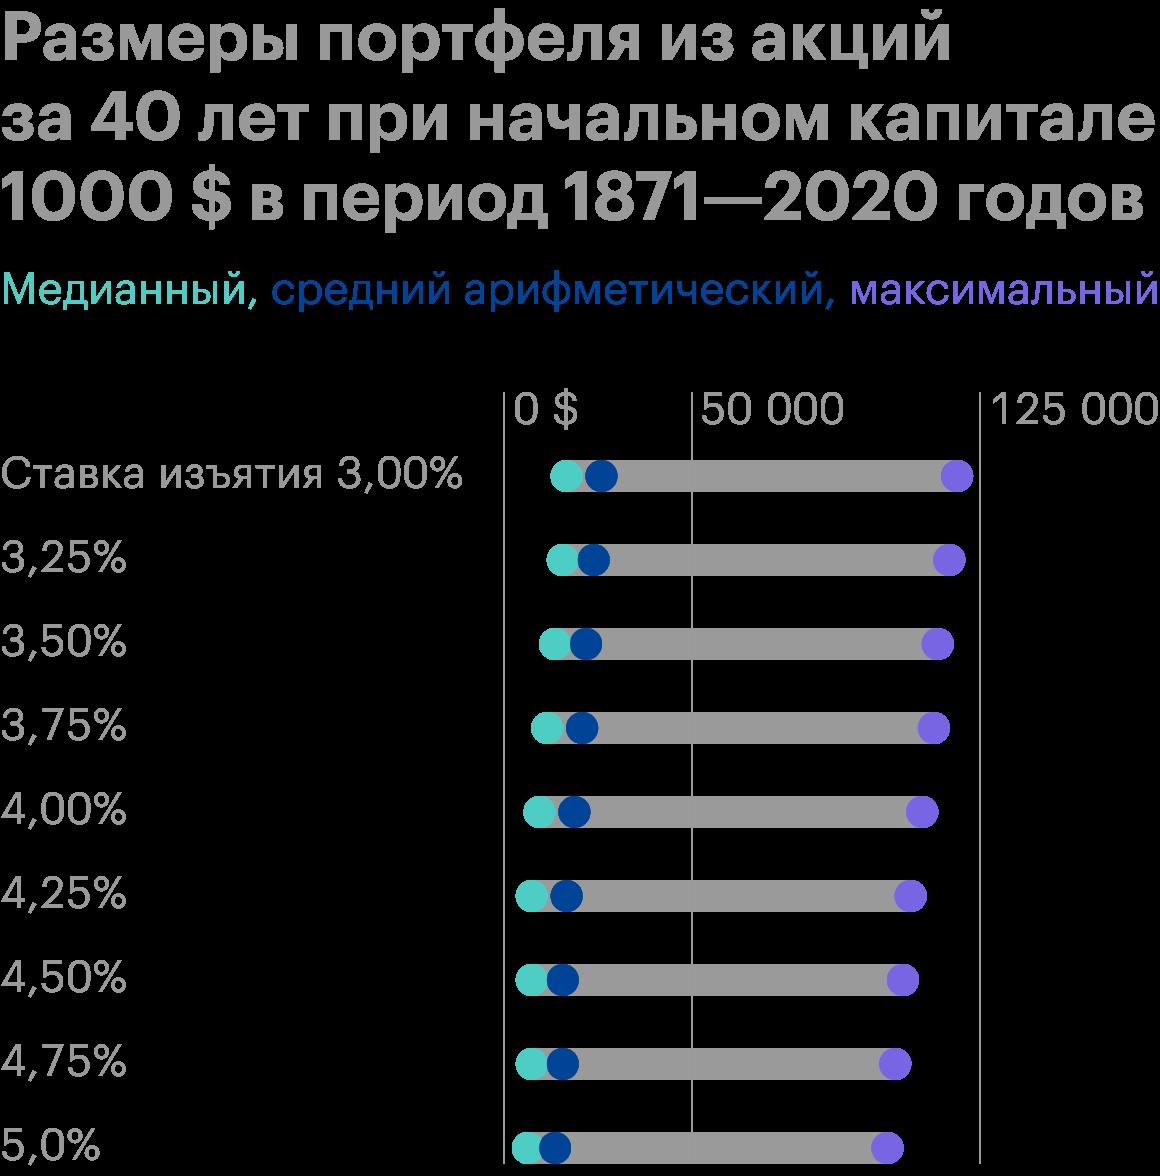 Посмотрим, что произойдет, если мы увеличим горизонт до 40 лет. Конечные результаты увеличатся почти вдвое. Другими словами, чем дольше пенсионер будет находиться на пенсии, тем больший капитал он оставит после себя. Источник: Poor Swiss